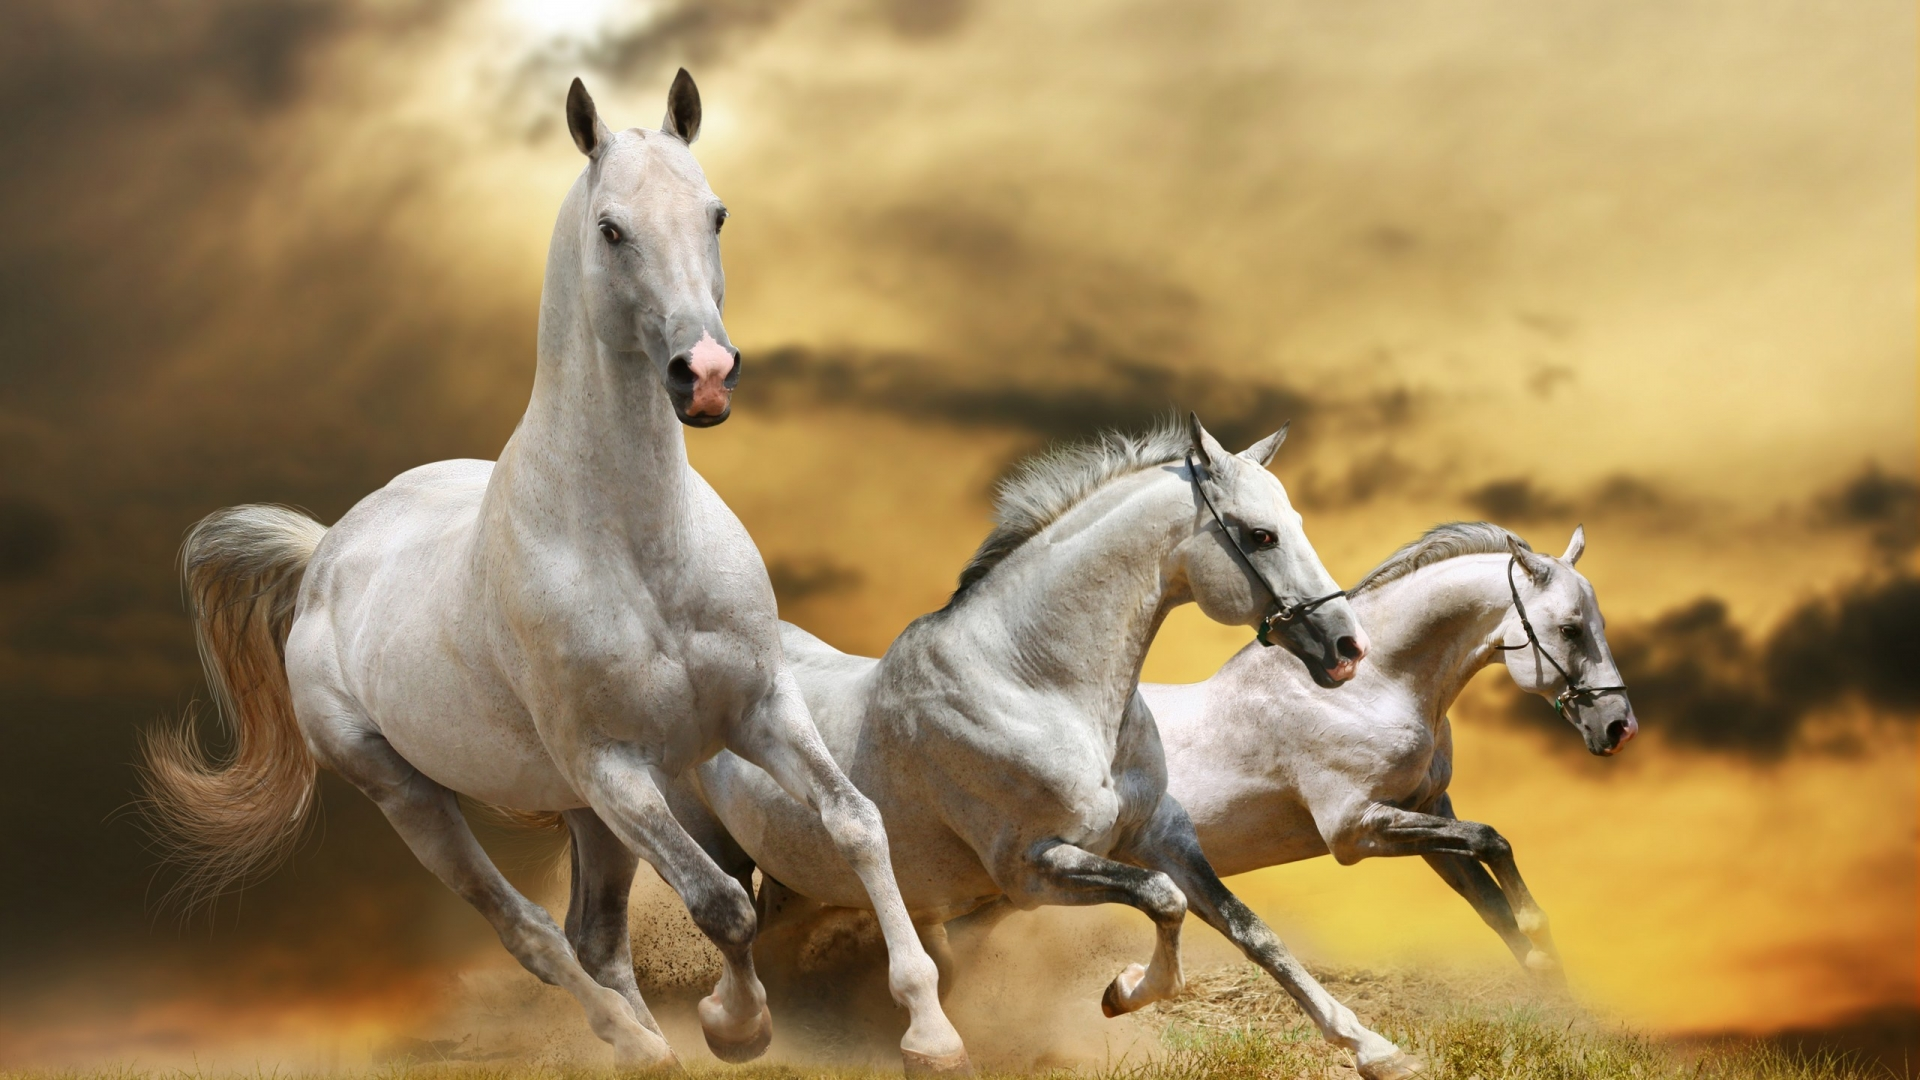 Cute Cartoon Horse Wallpaper Three Beautiful White Horses Running